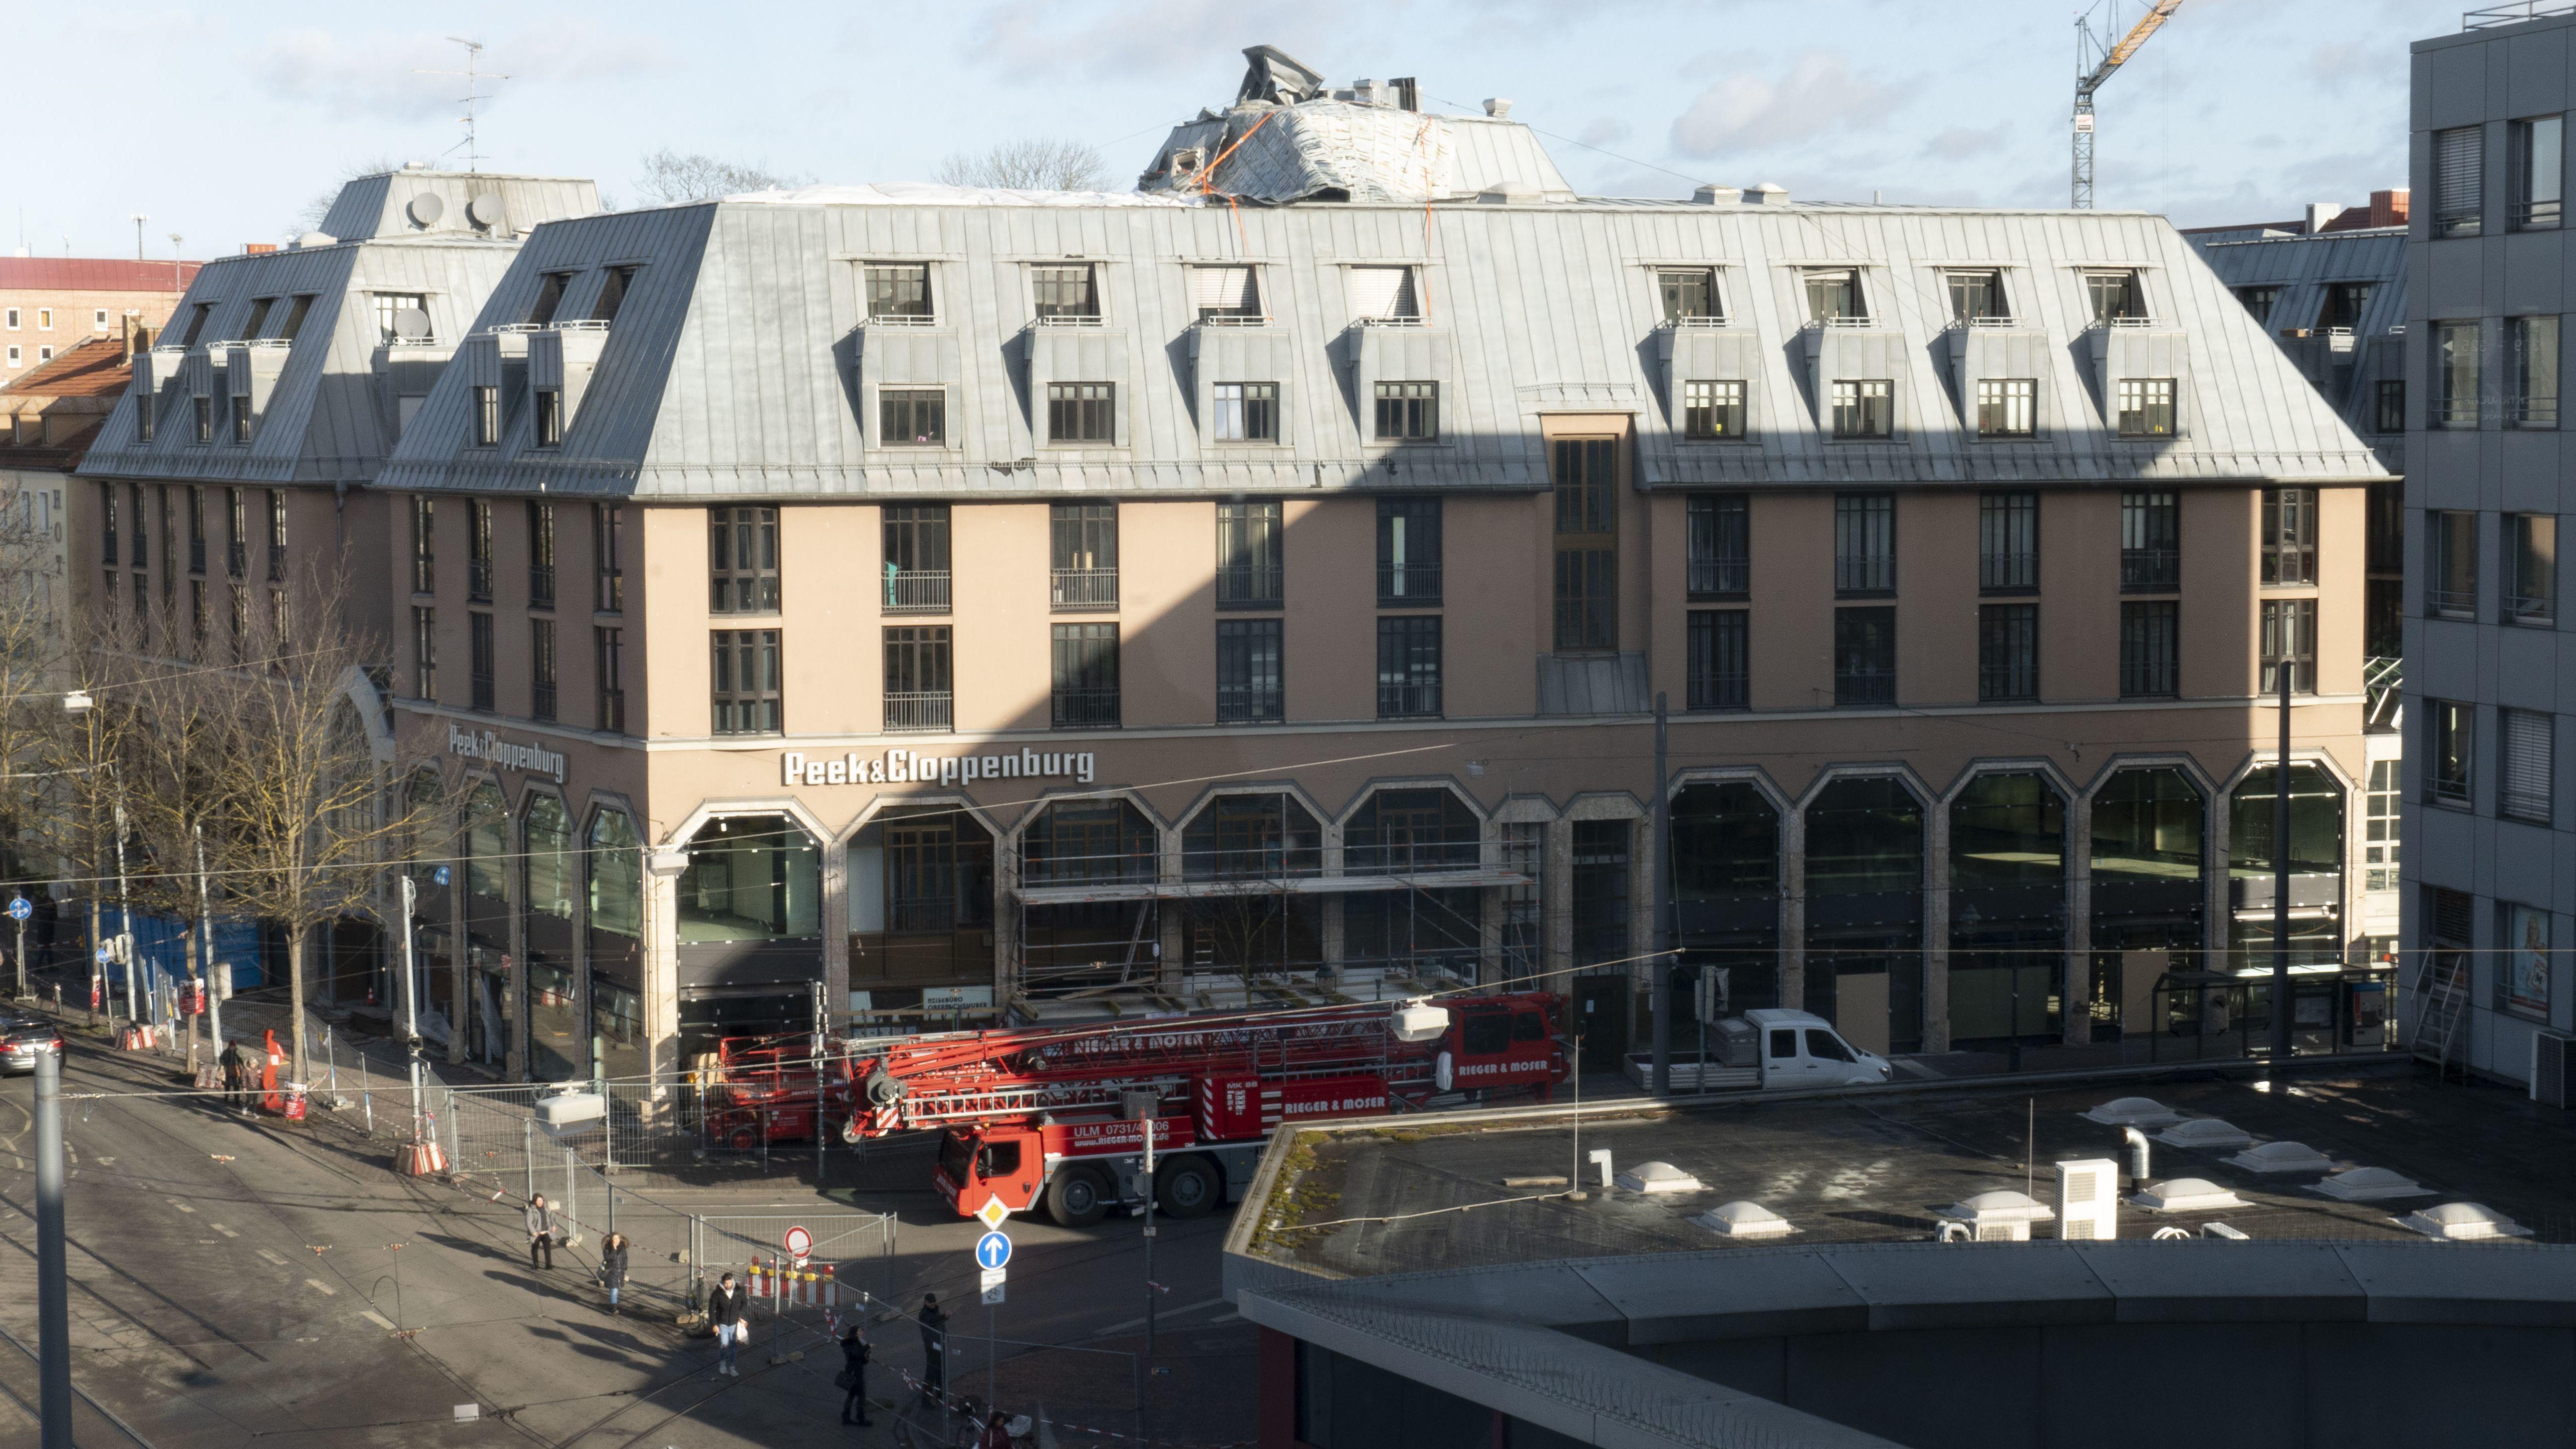 Absperrung an der Bahnhofstraße in Augsburg, gesicherte Dachteile